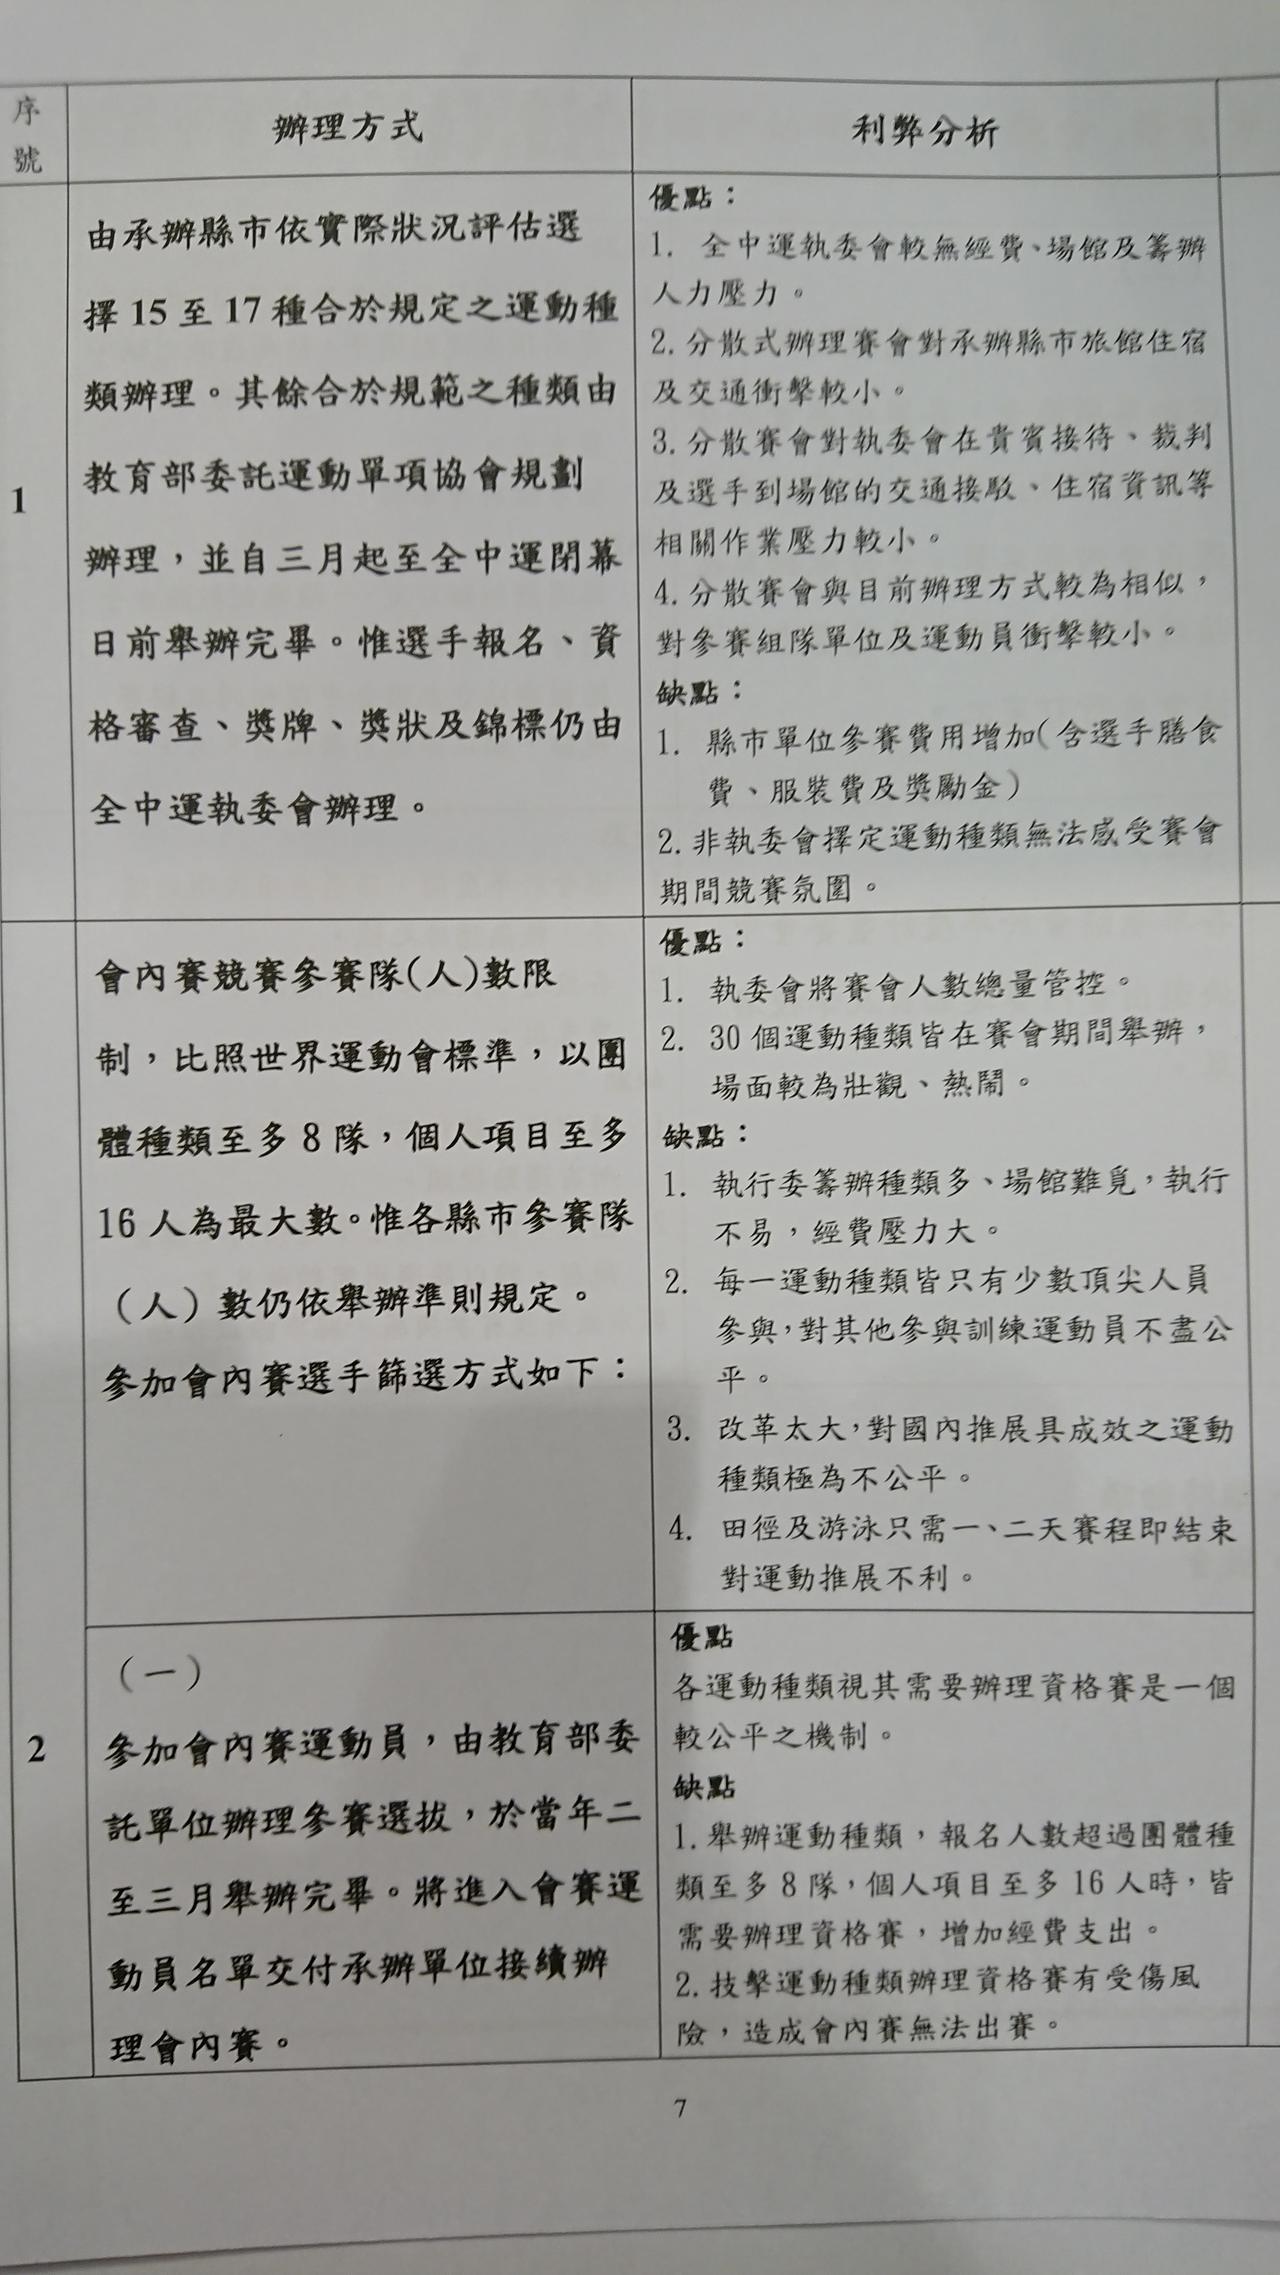 會議手冊內容(二)。記者 吳思儀/攝影